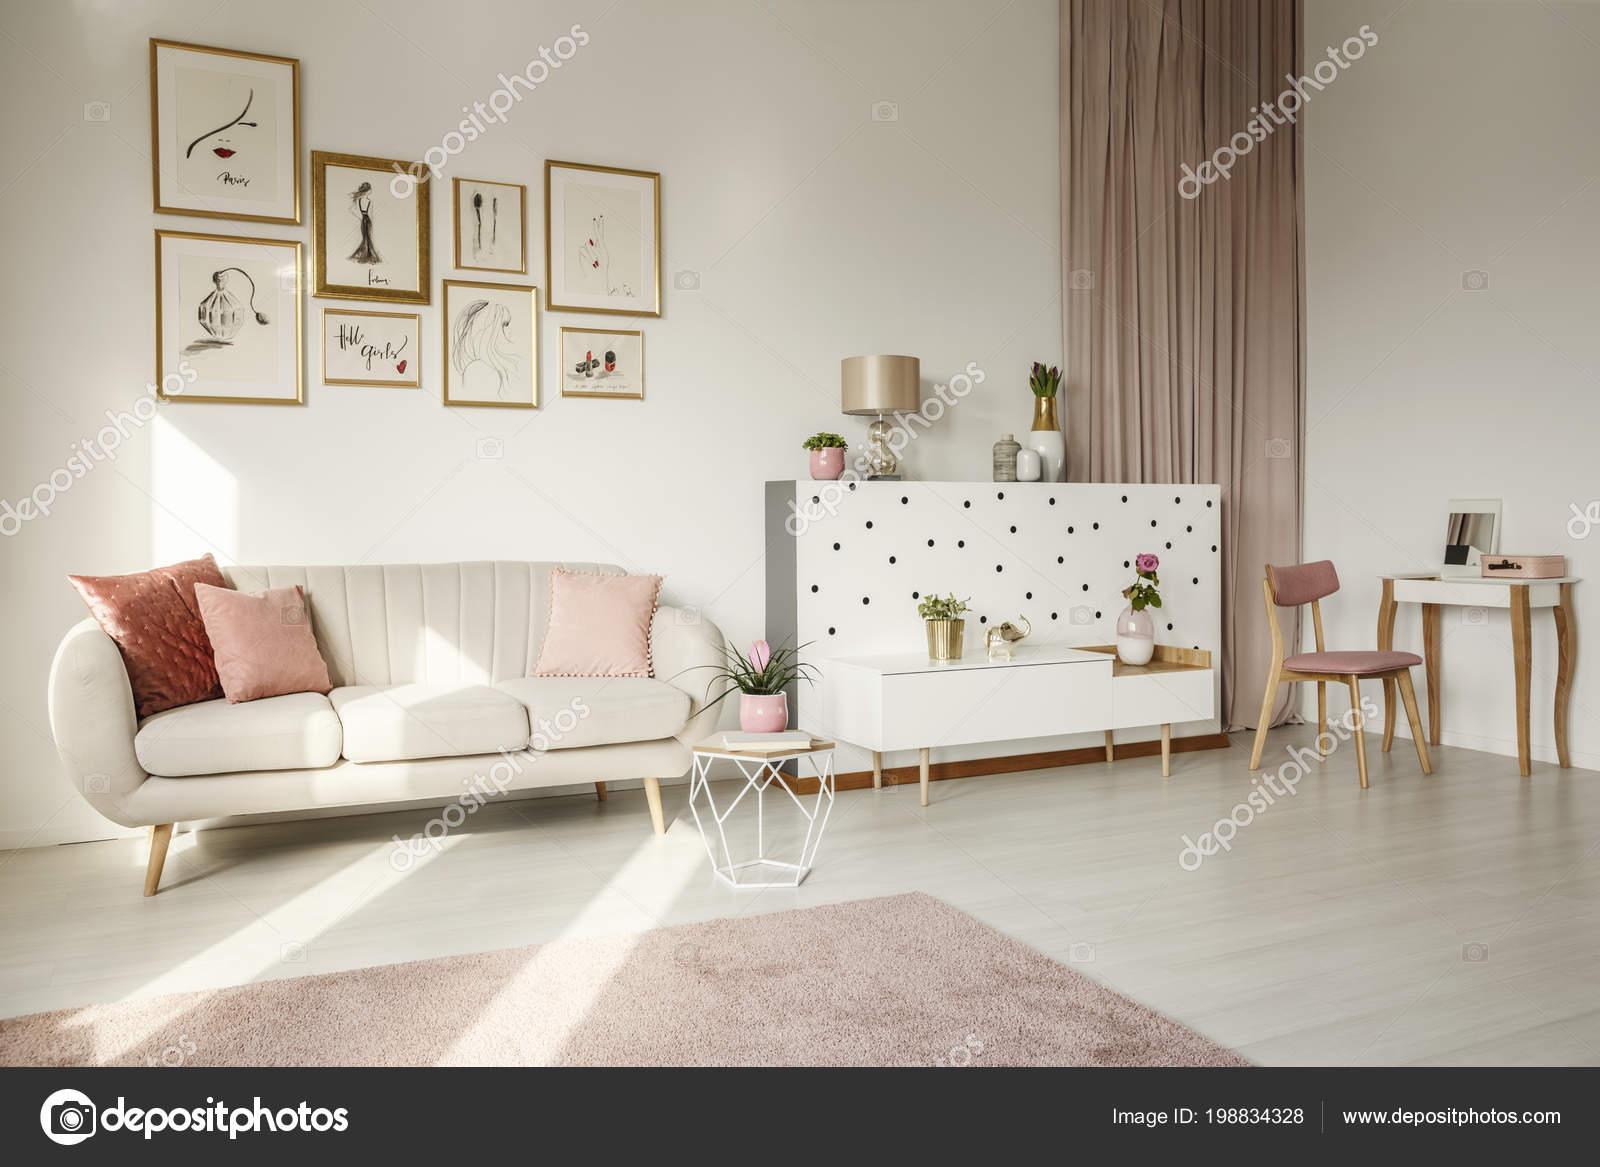 Roze Decoratie Woonkamer : Roze bloem tafel buurt van sofa vrouwelijke woonkamer interieur